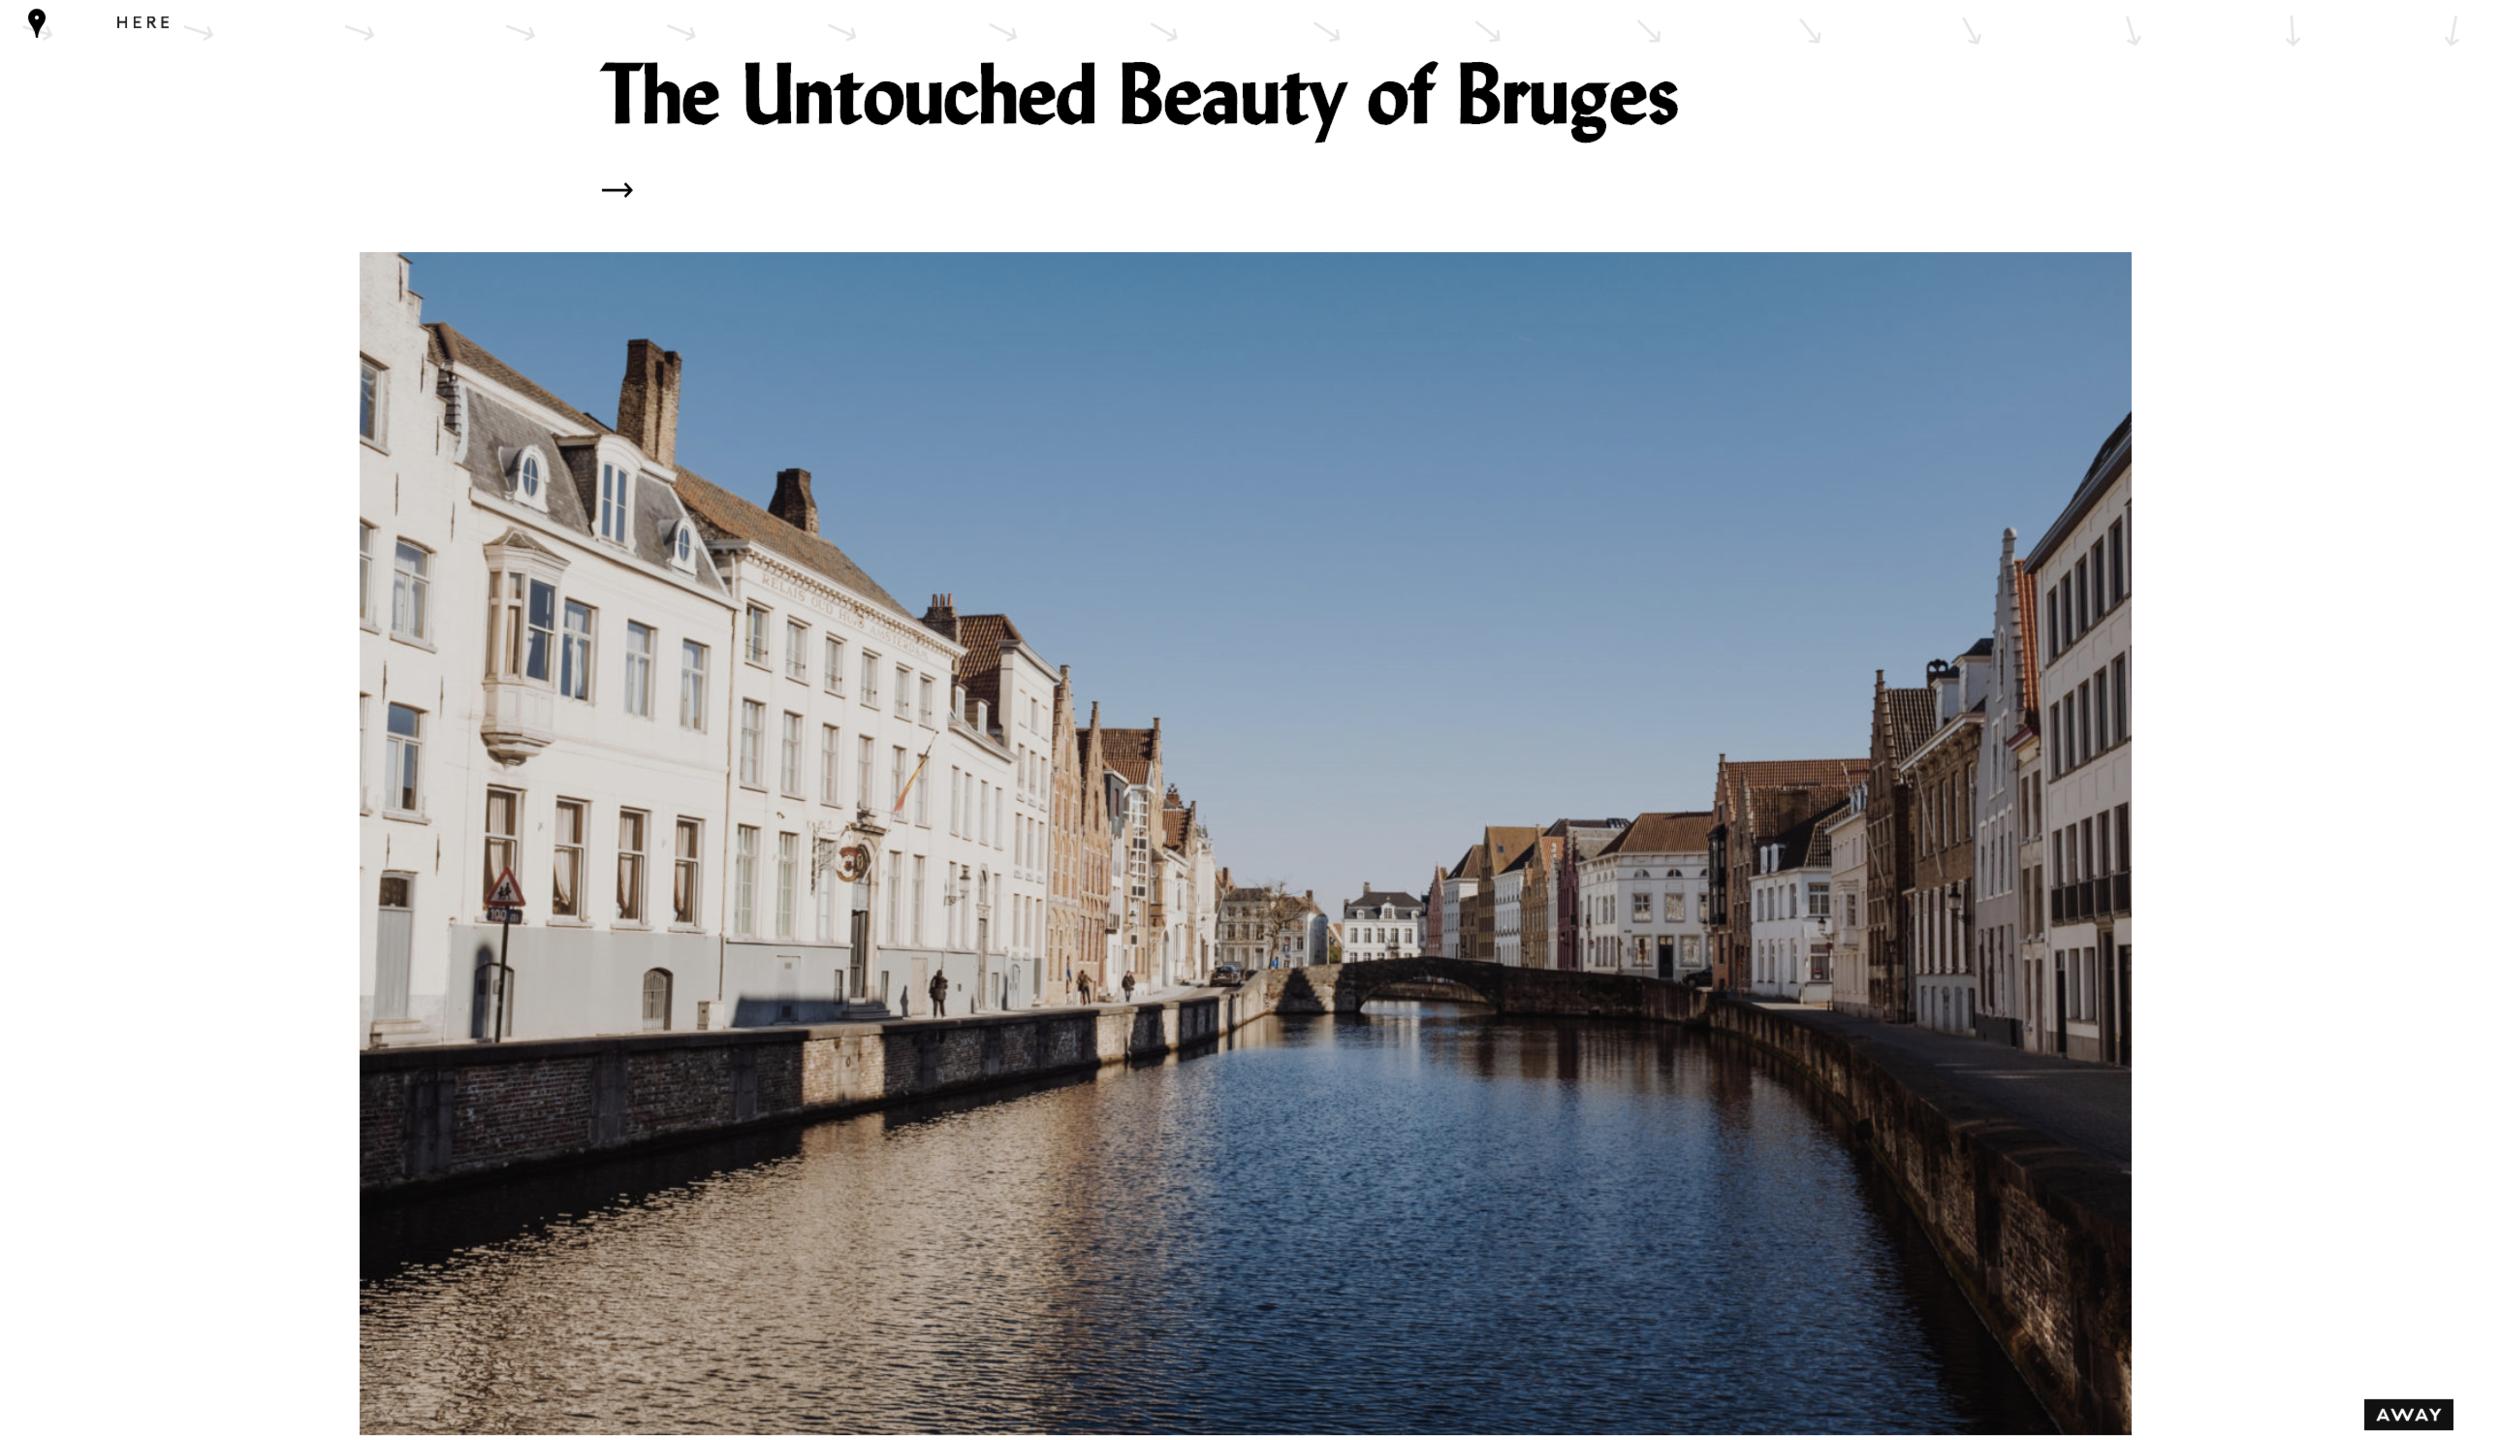 Bruges_Here_Away